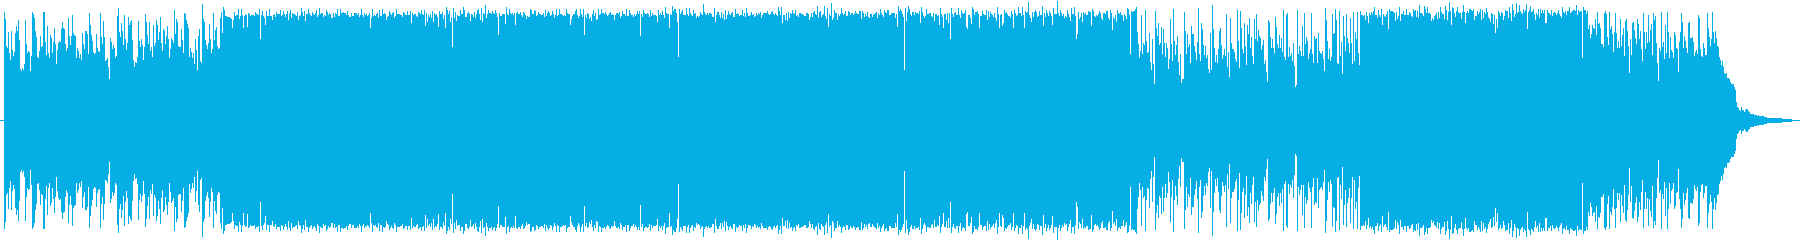 ゲームのエンドロールにぴったりの曲の再生済みの波形